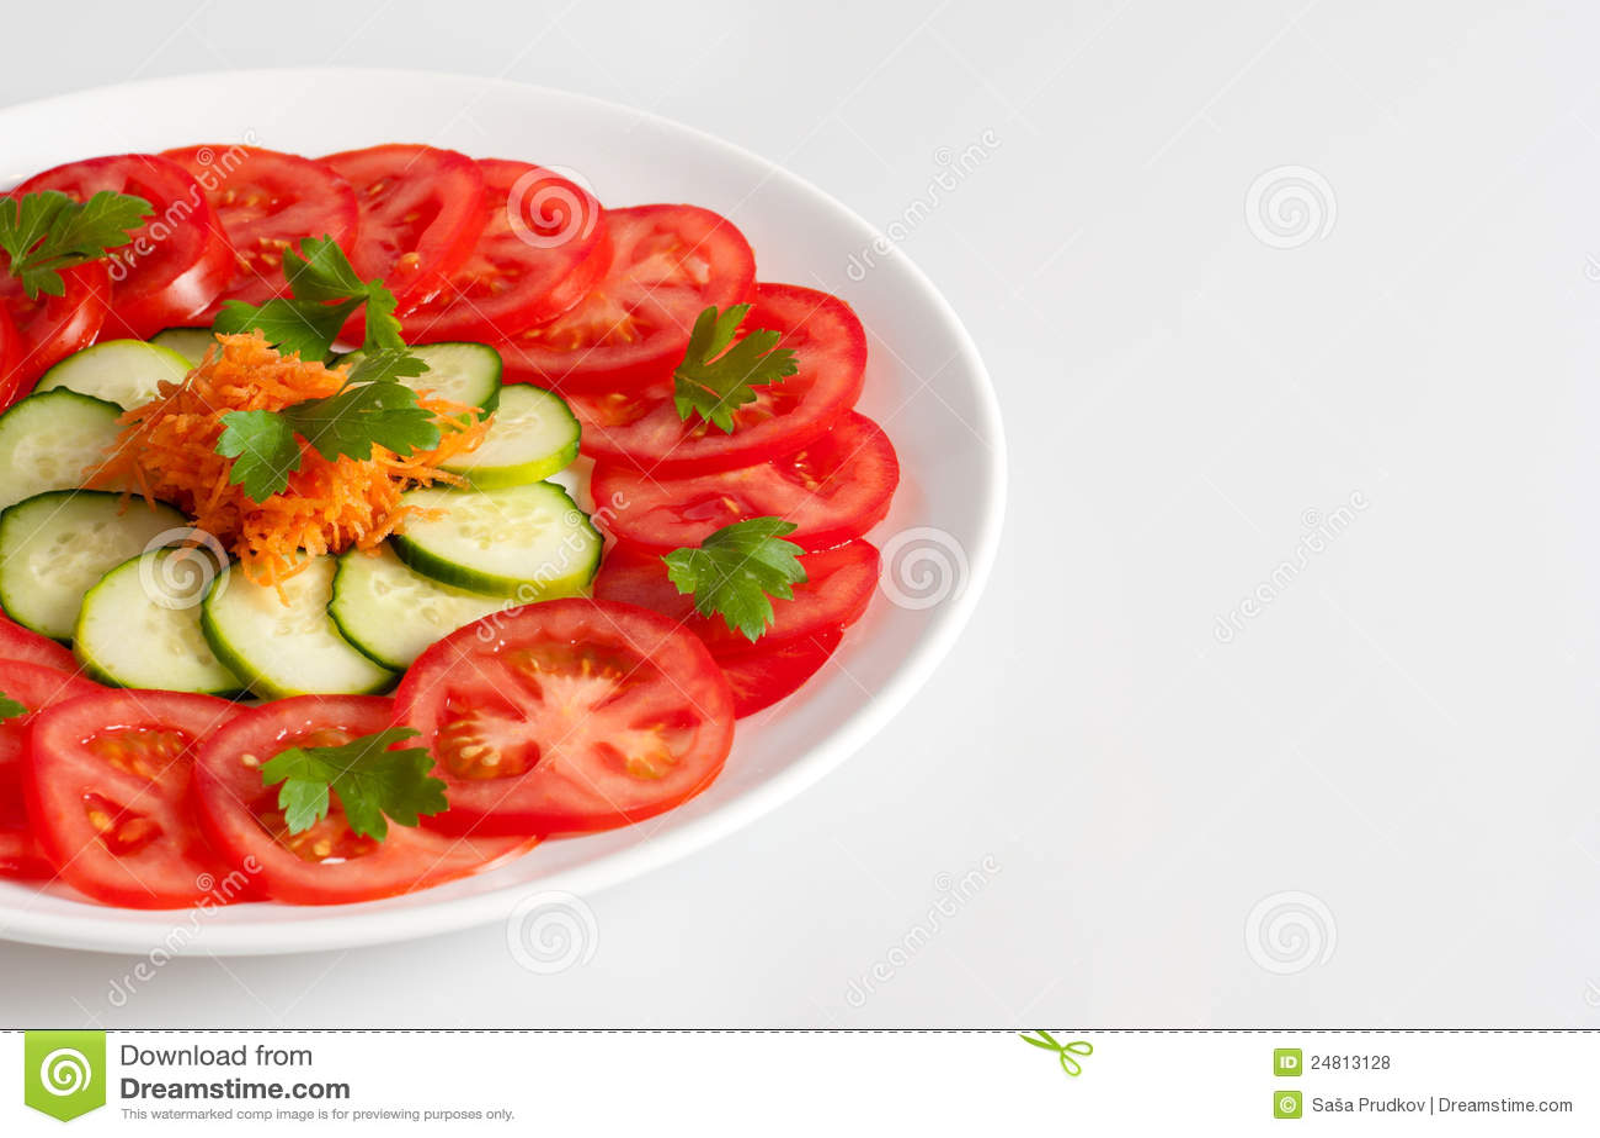 Салат из помидоров и огурцов. как красиво сделать